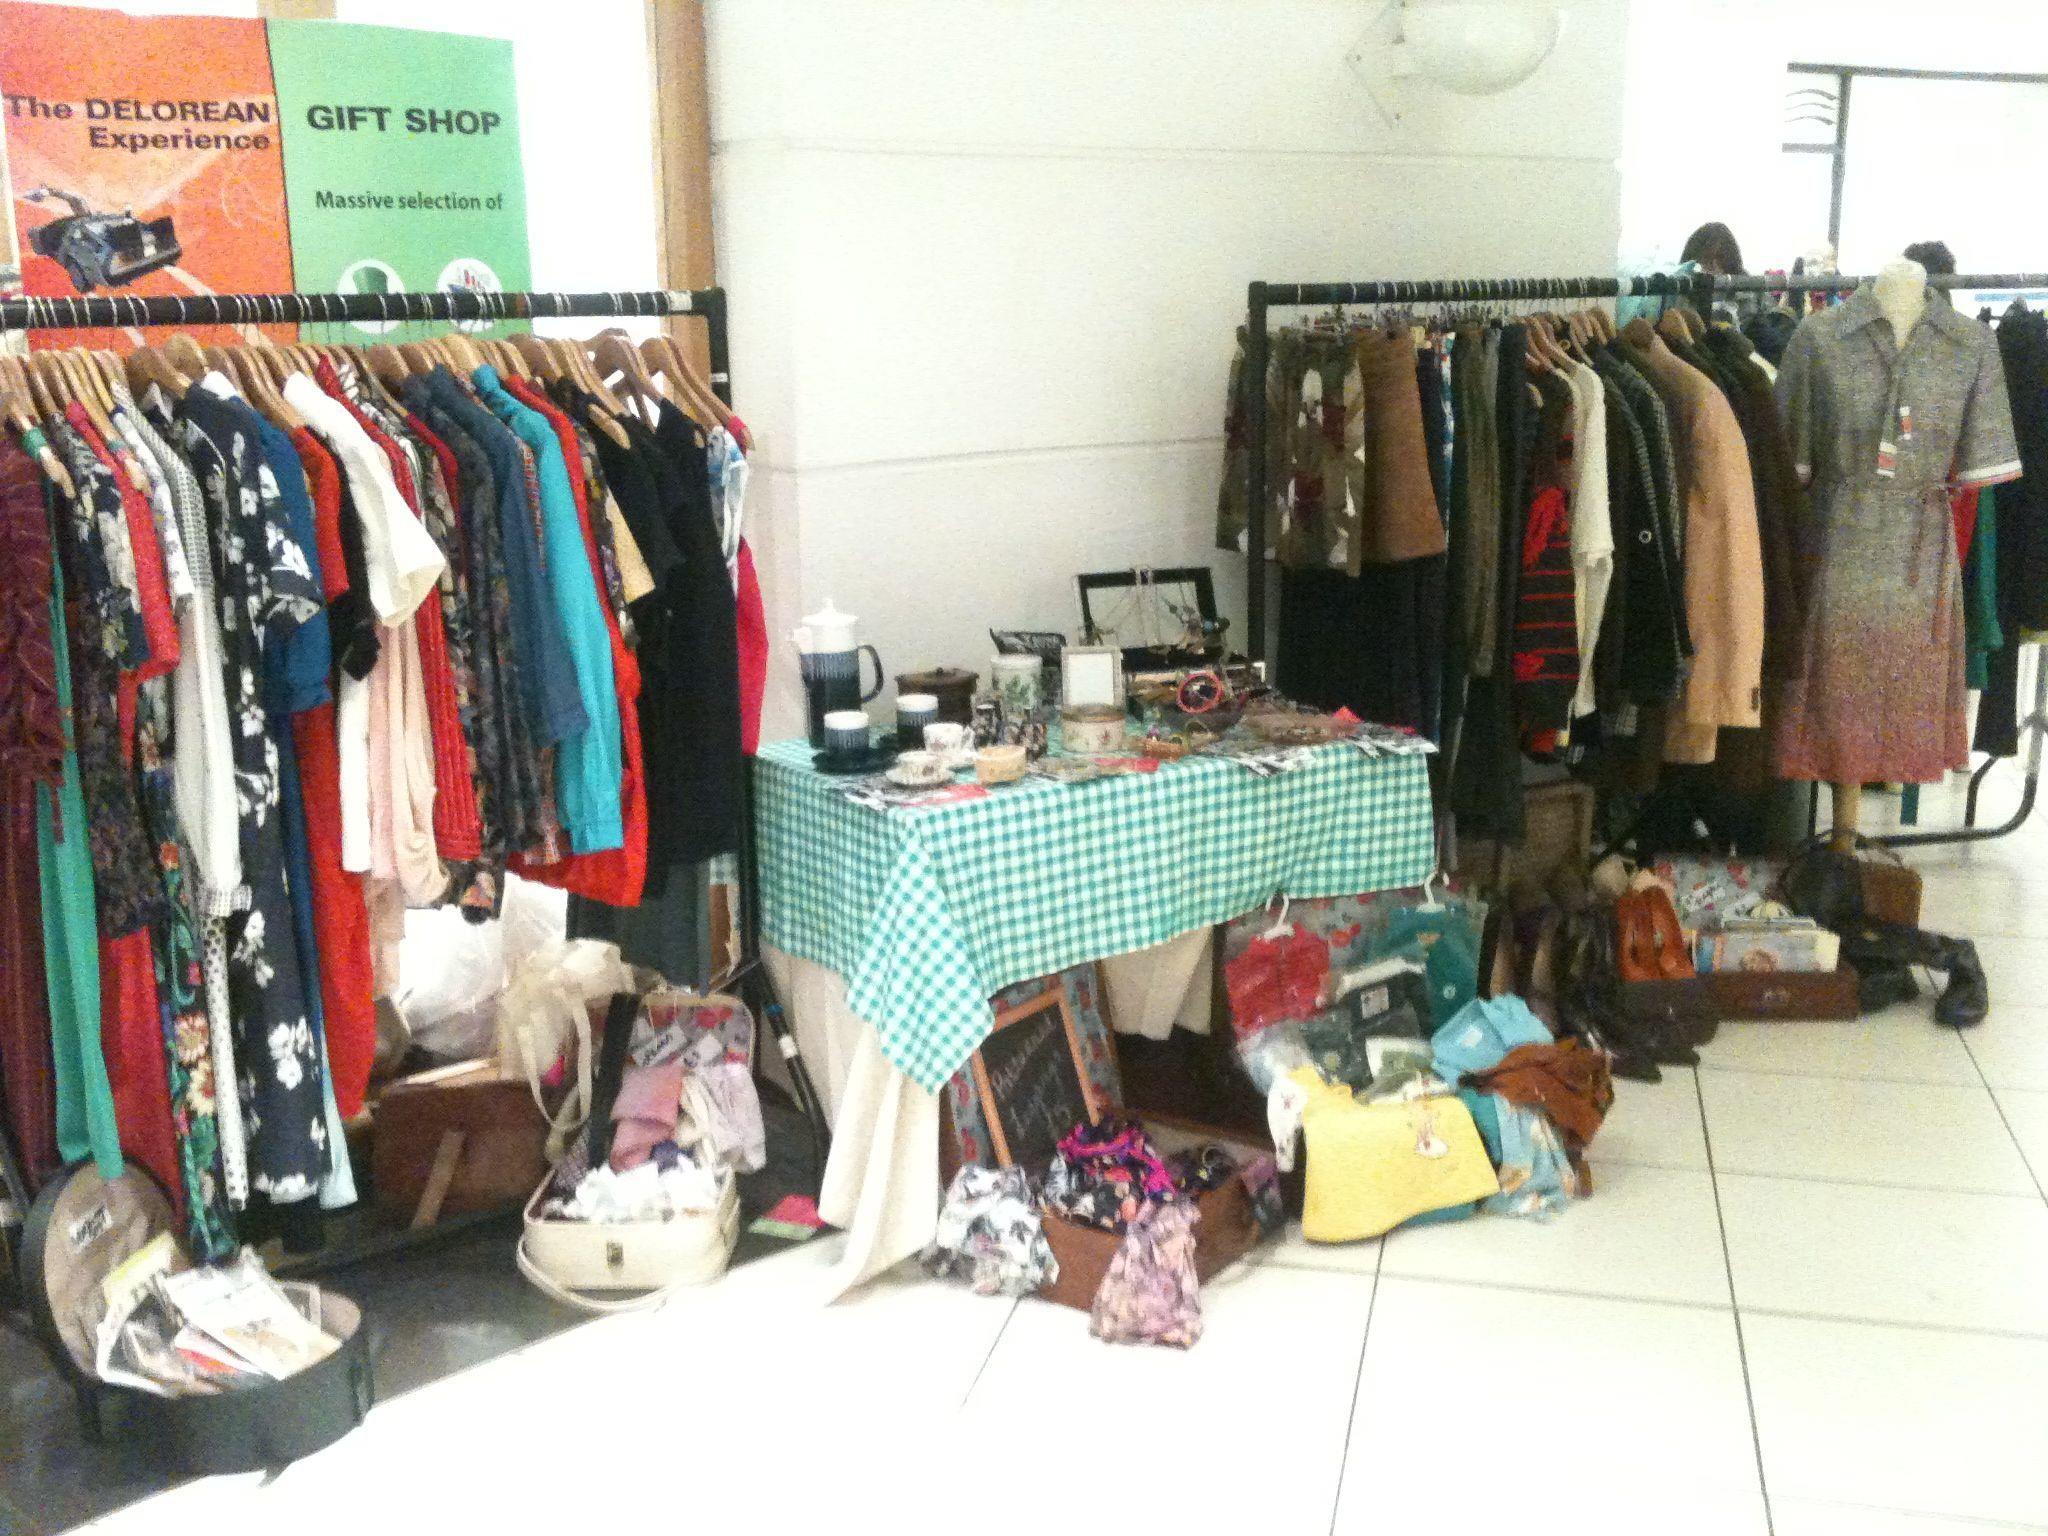 Vintage Clothing Market Stall Vintage Market Creative Booths Market Stalls